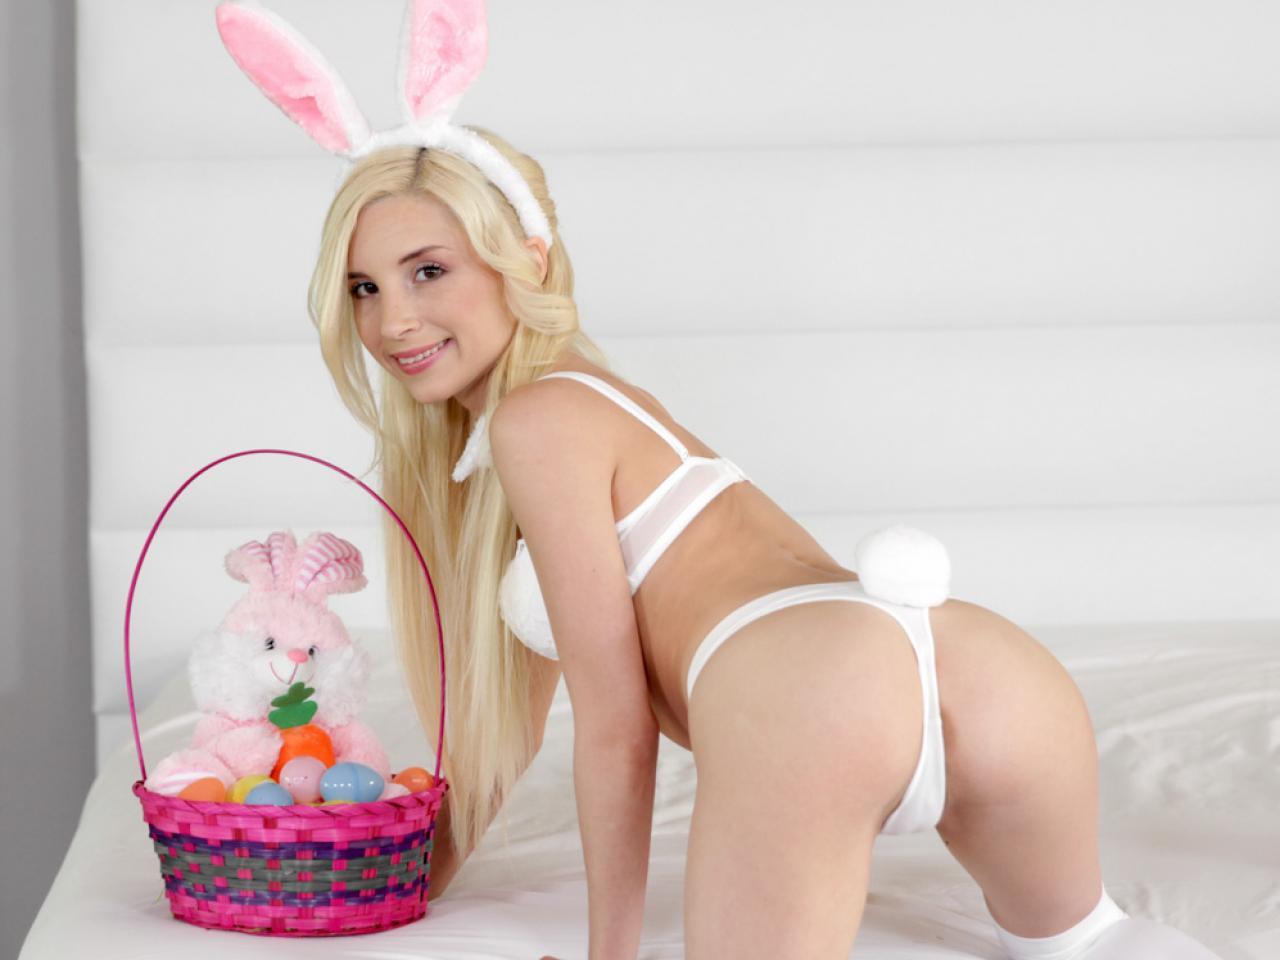 Bunny glamzon fucking photos cartoon photos